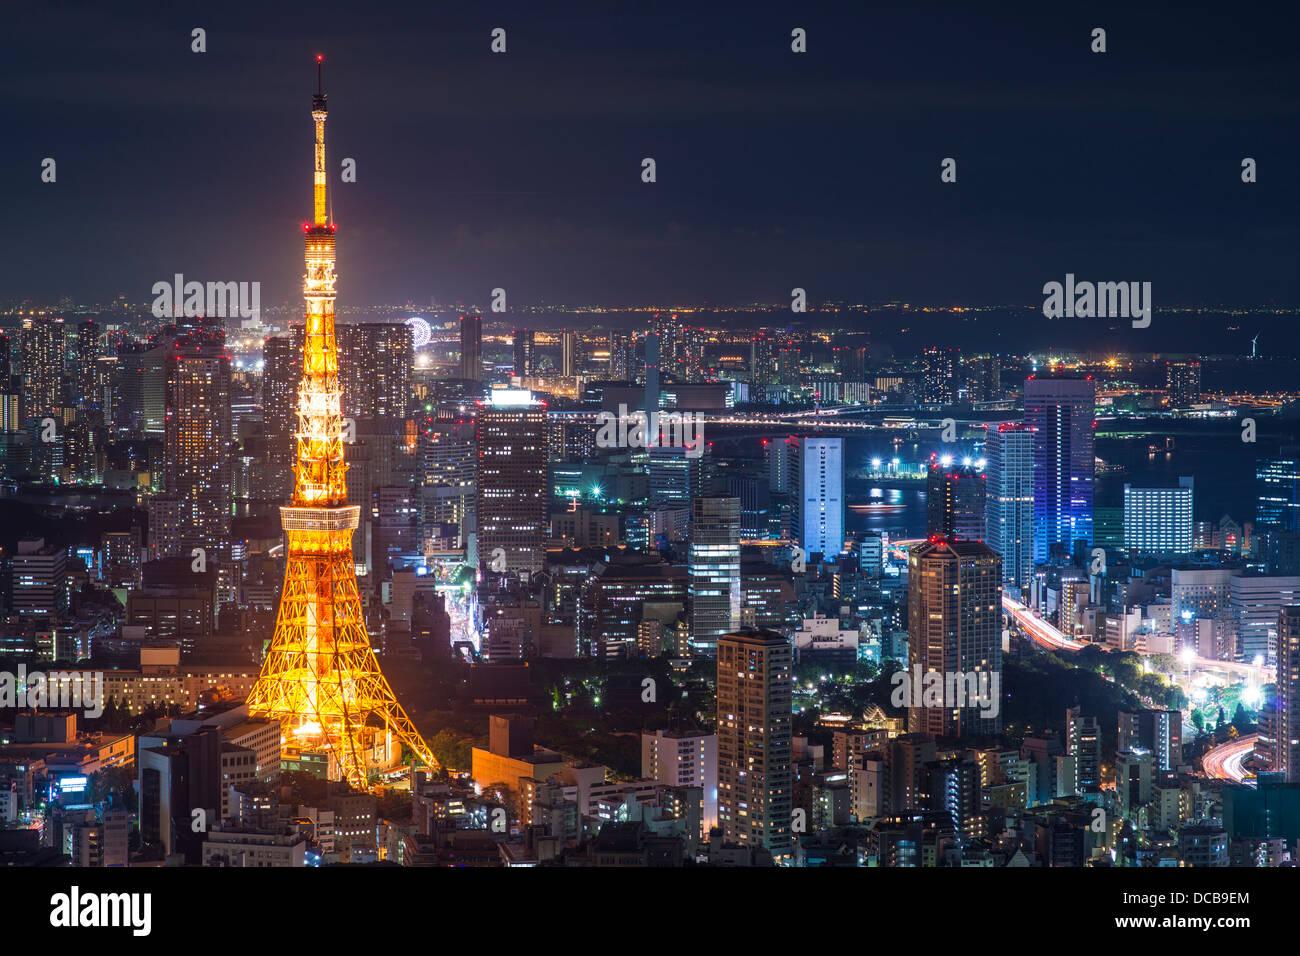 La Torre di Tokyo a Tokyo in Giappone. Immagini Stock